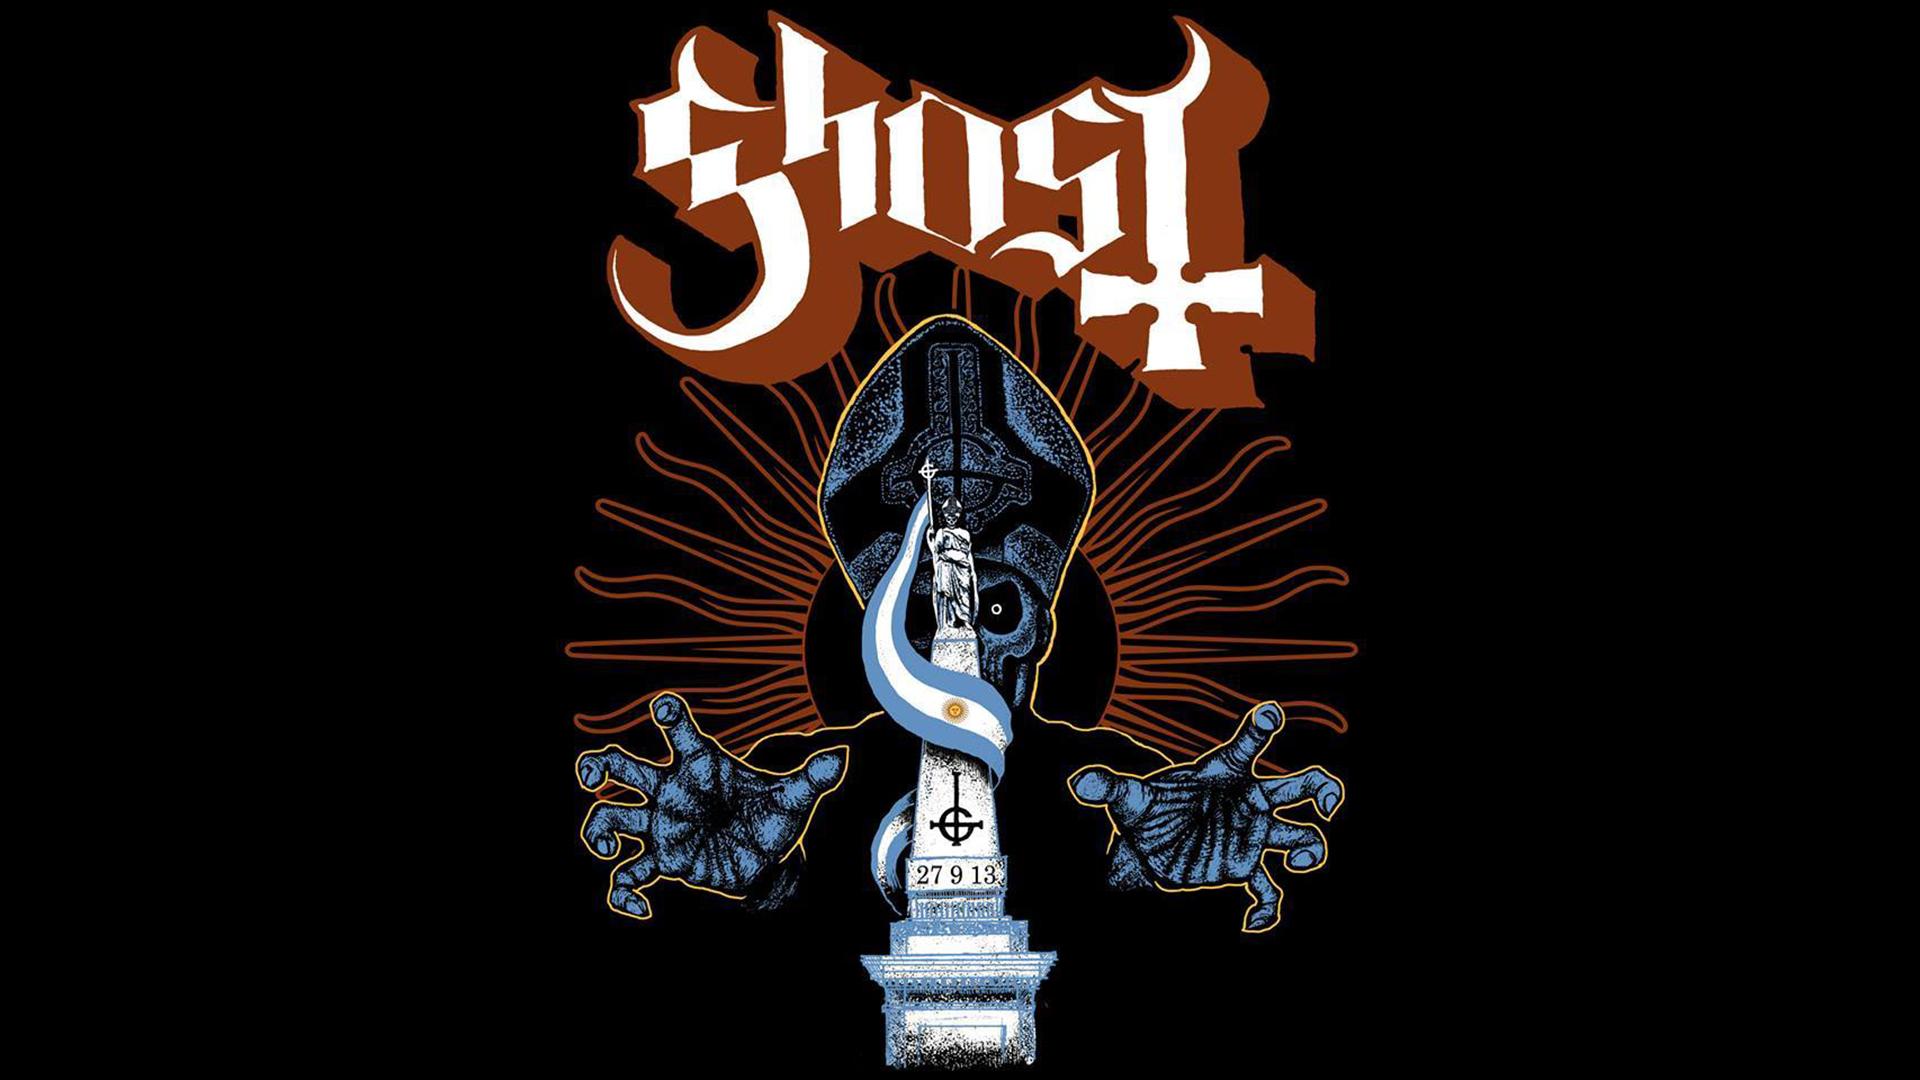 Wallpaper Ghost Ghost B C Papa Emeritus 1920x1080